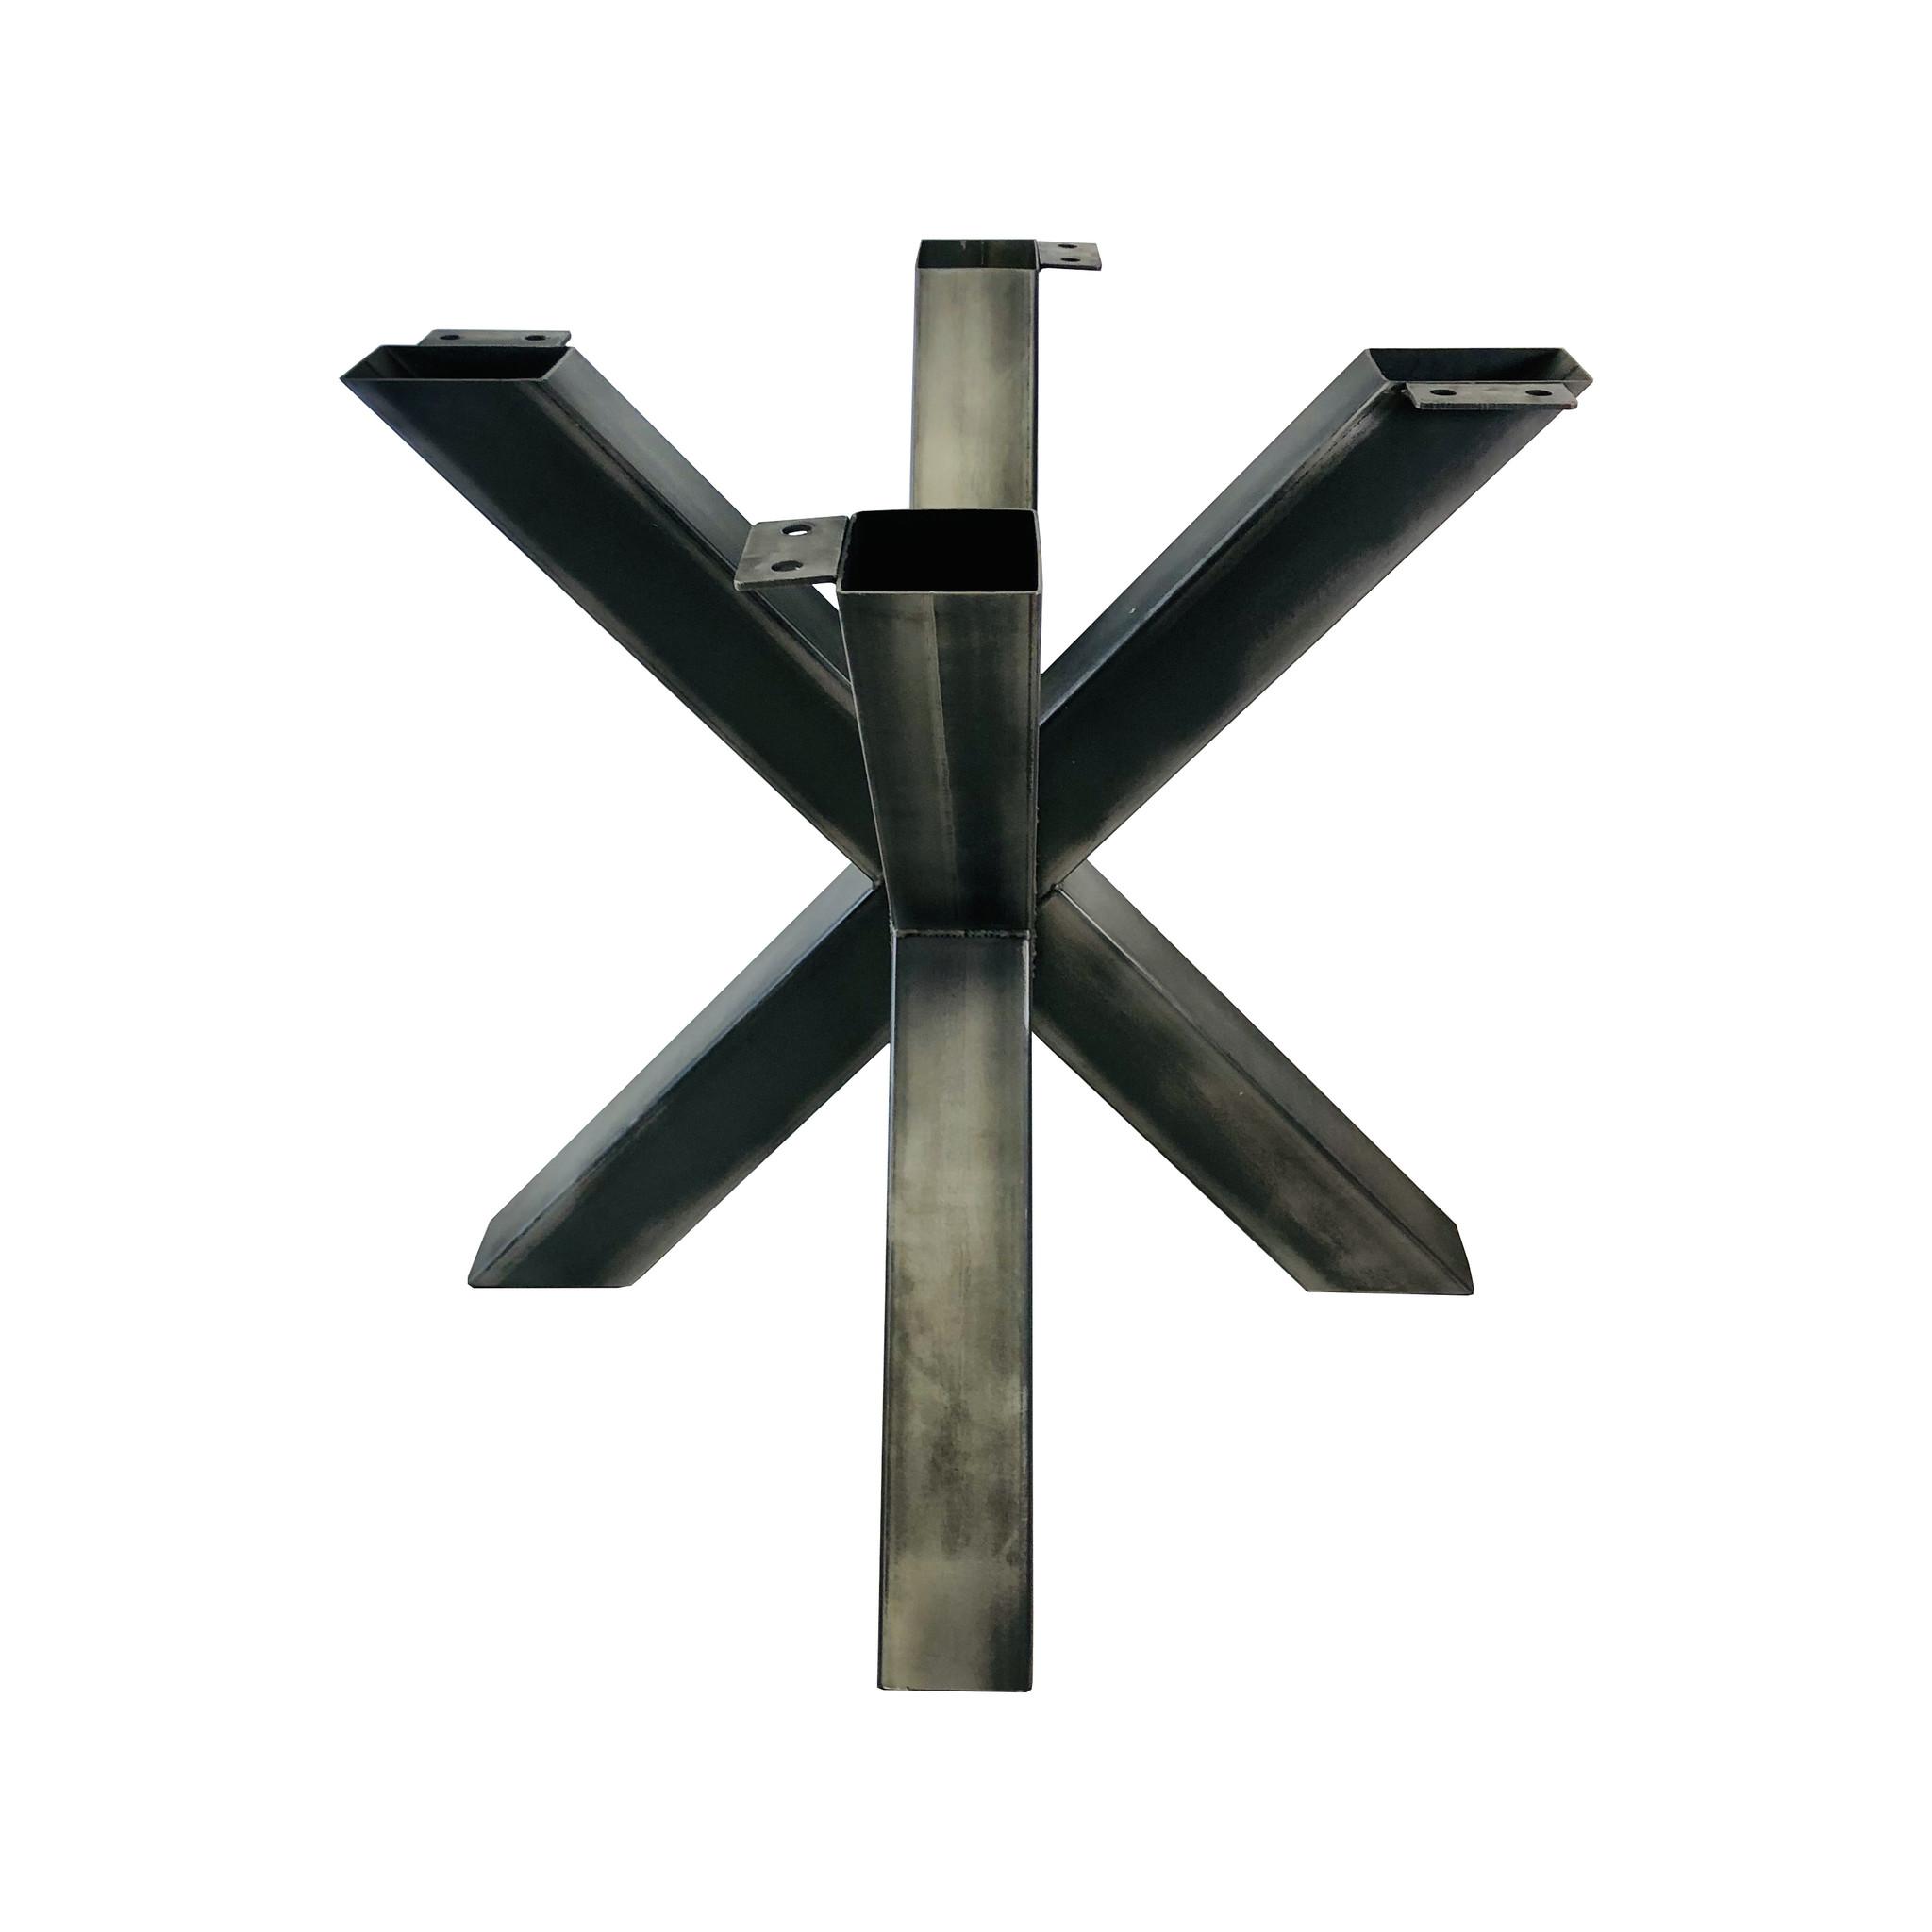 Metalen onderstel | Outlet